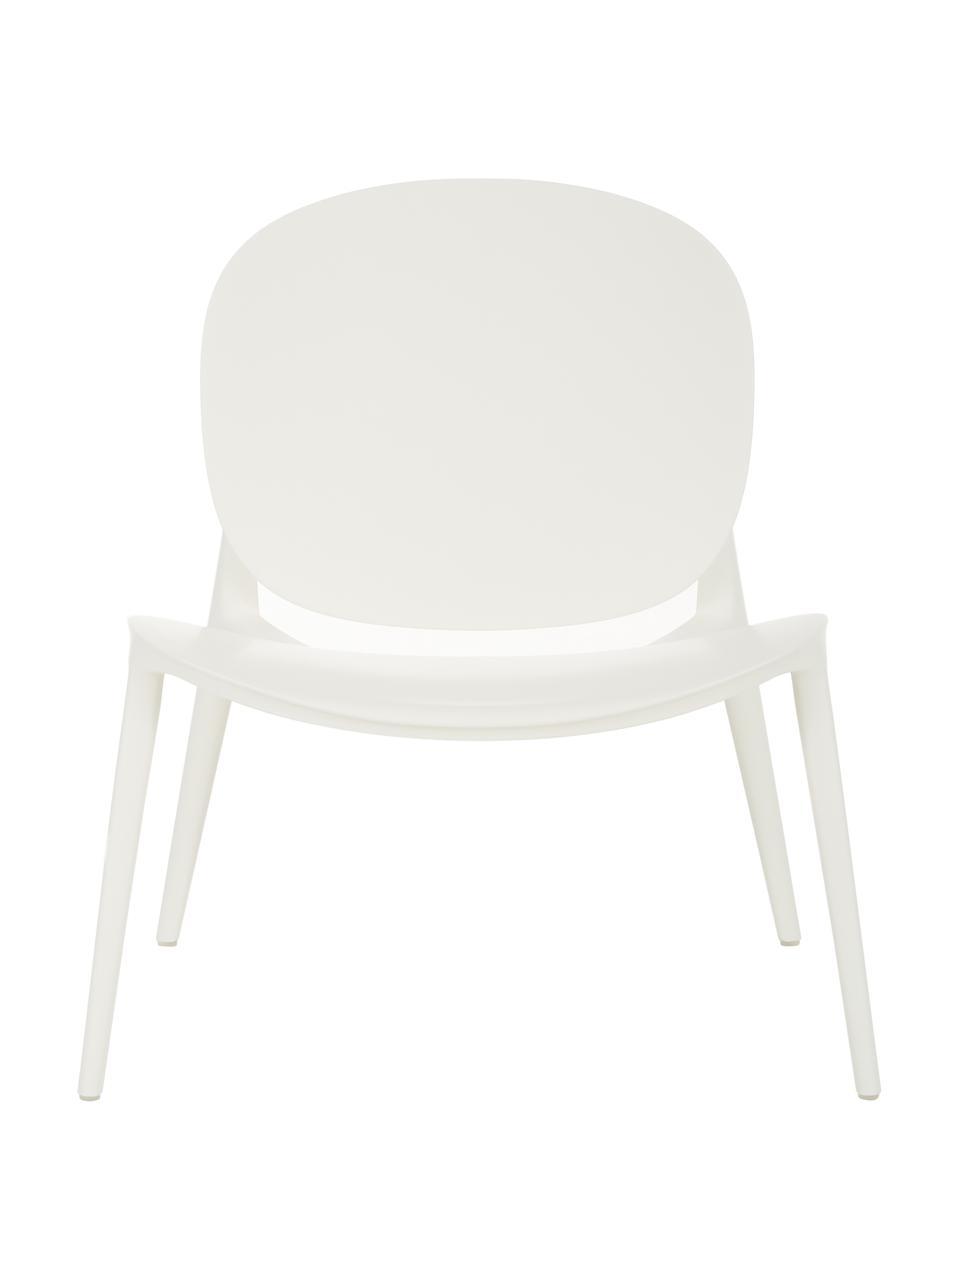 Loungesessel Be Bop aus Kunststoff, Polypropylen, modifiziert, Weiß, B 69 x T 62 cm